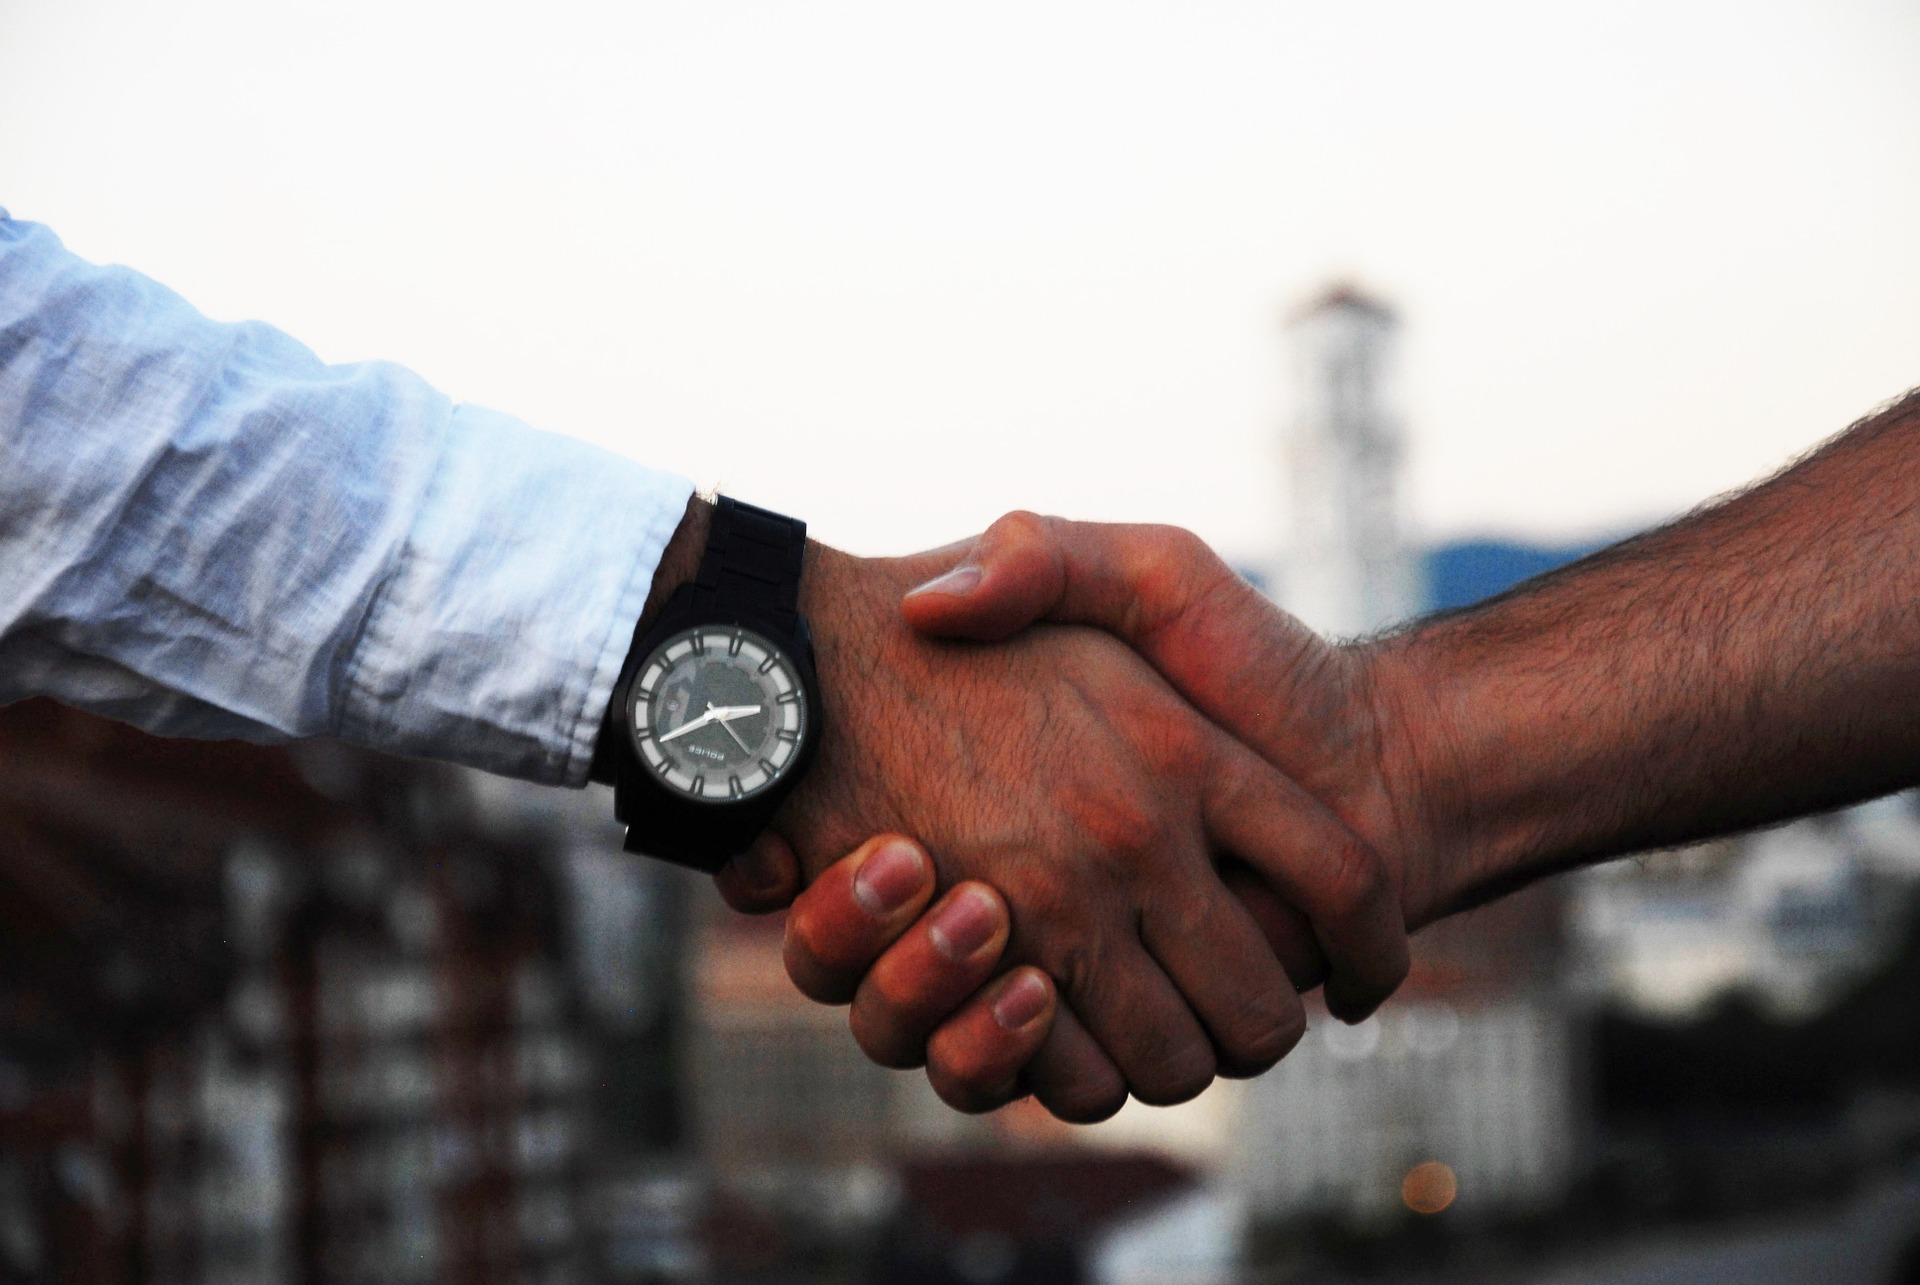 Une entreprise industrielle sur deux se plaint d'un manque de main-d'œuvre